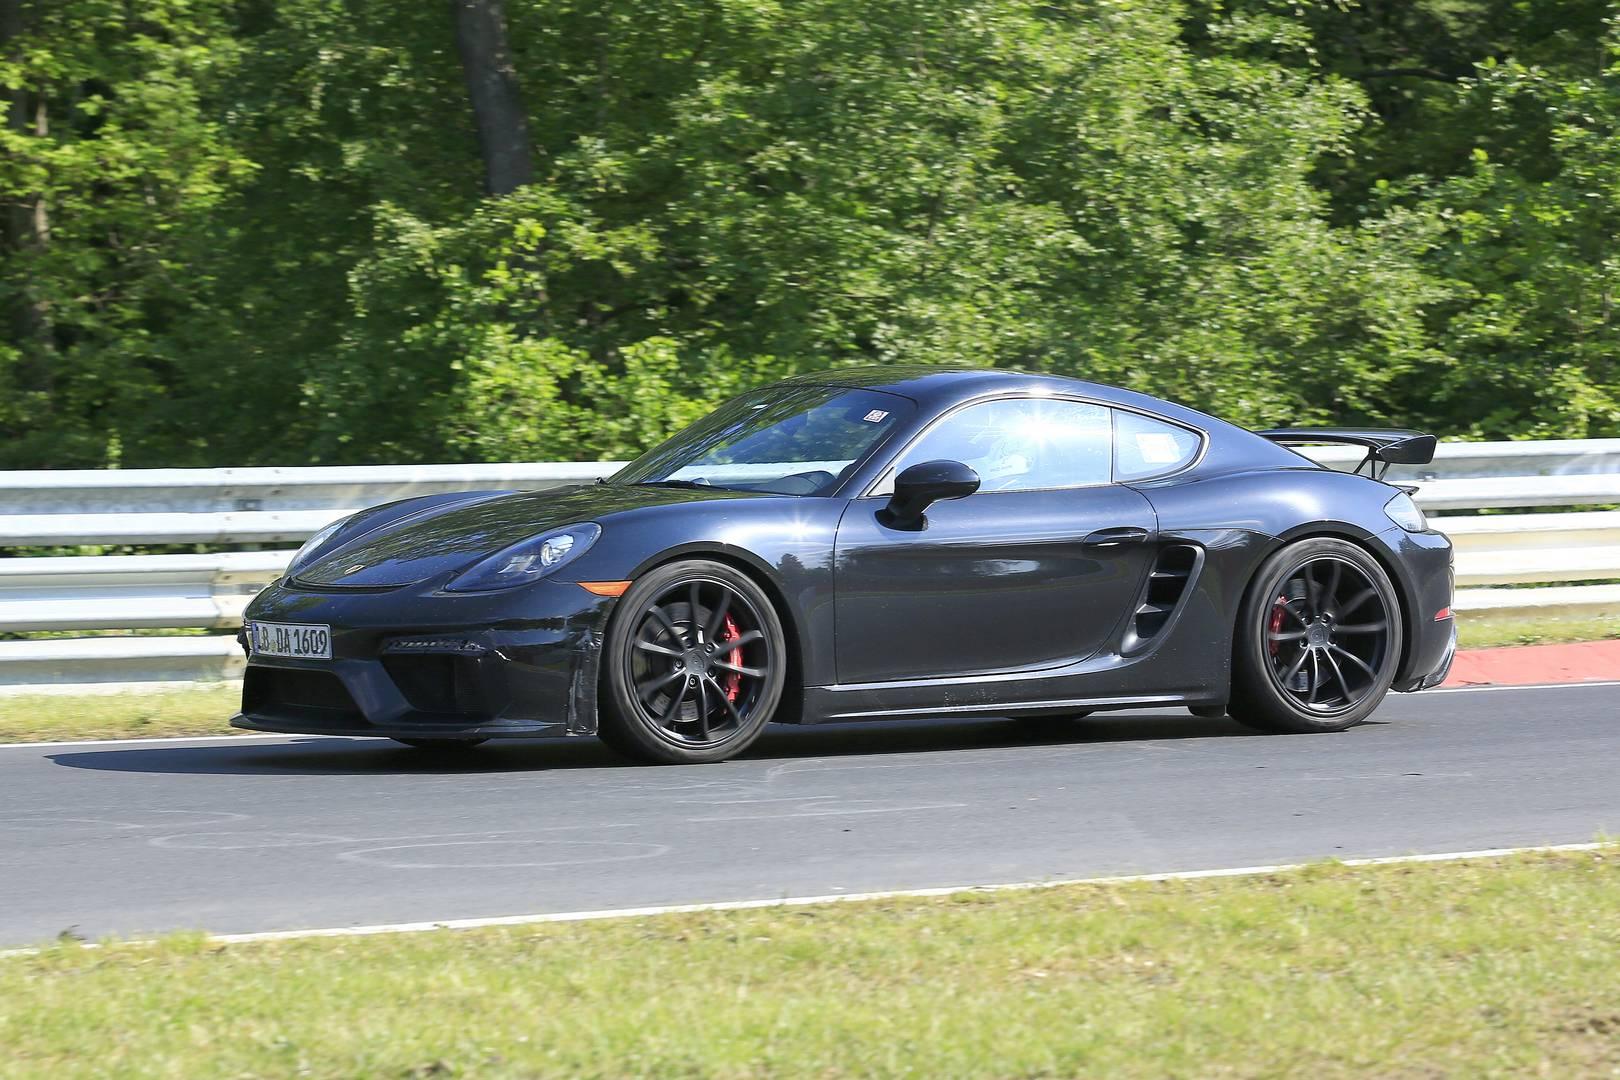 С успехом 911 R, 911 T и модернизированными моделями RS можно с уверенностью сказать, что Porsche находится на выигрышной полосе на данный момент. Если верить слухам, что Cayman GT4 преумножит этот успех.